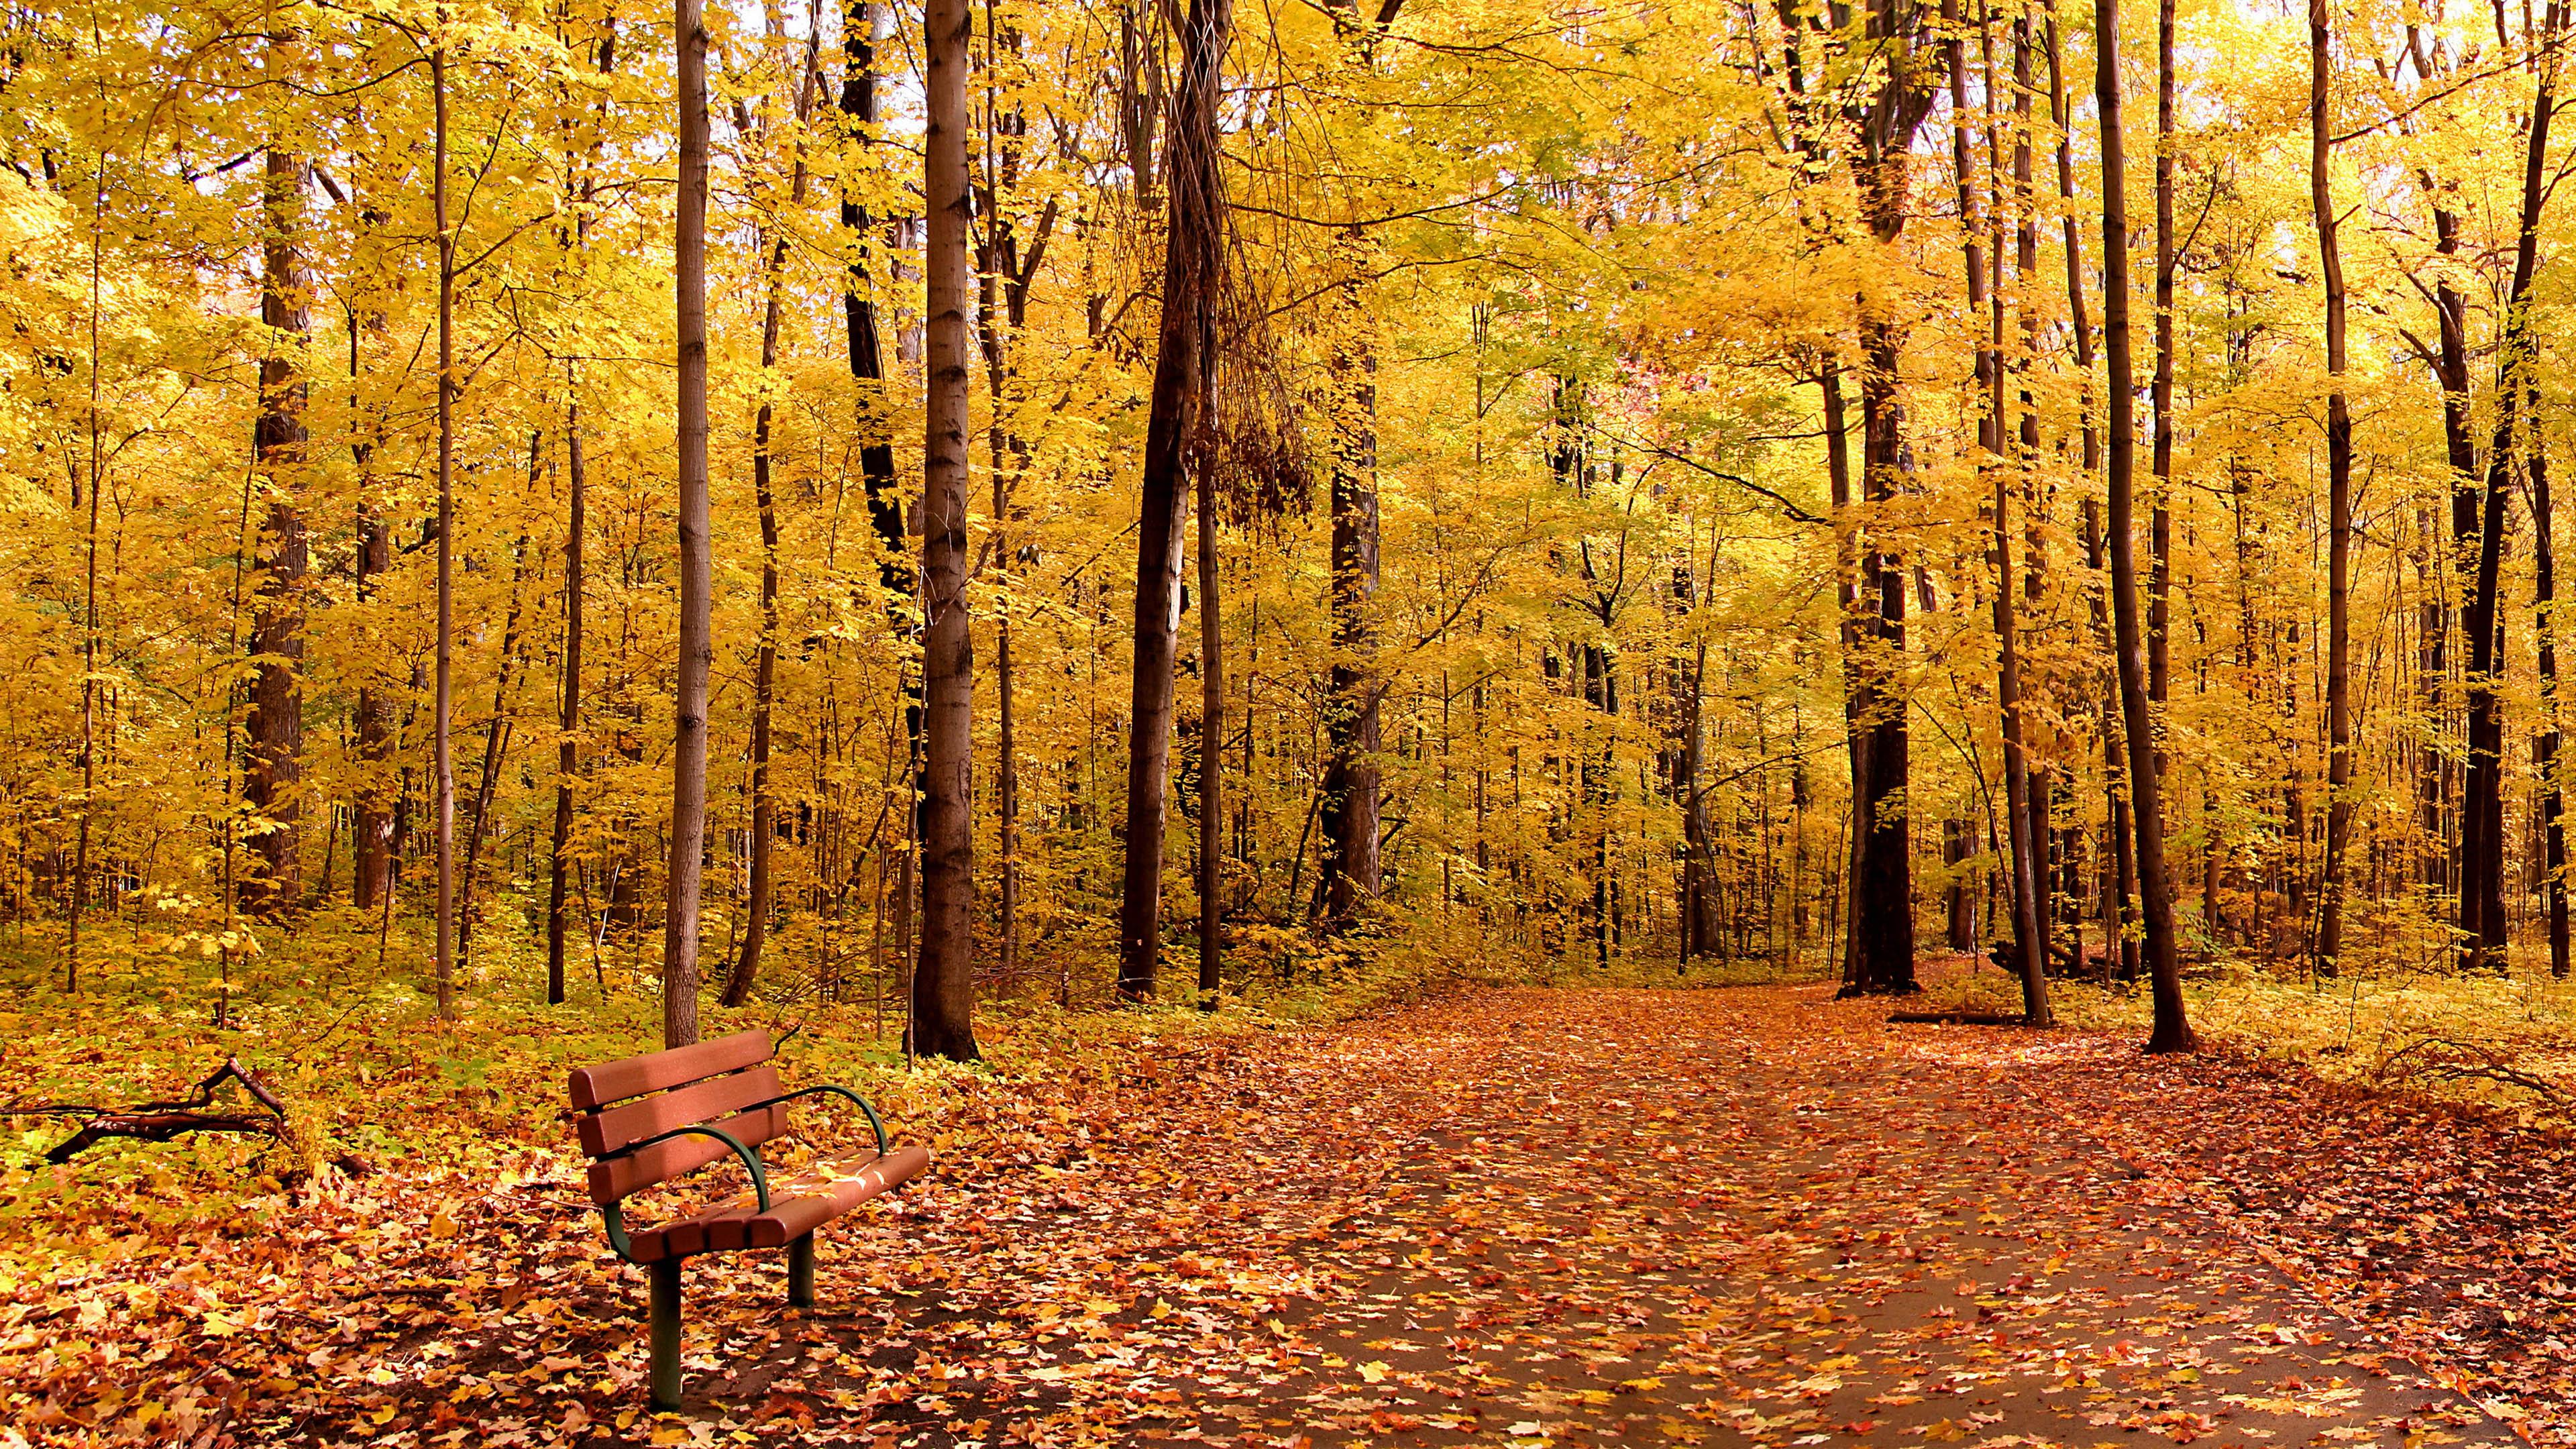 HDoboi.Kiev.ua - Осенний пейзаж в лесу, обои на телефон андроид осень